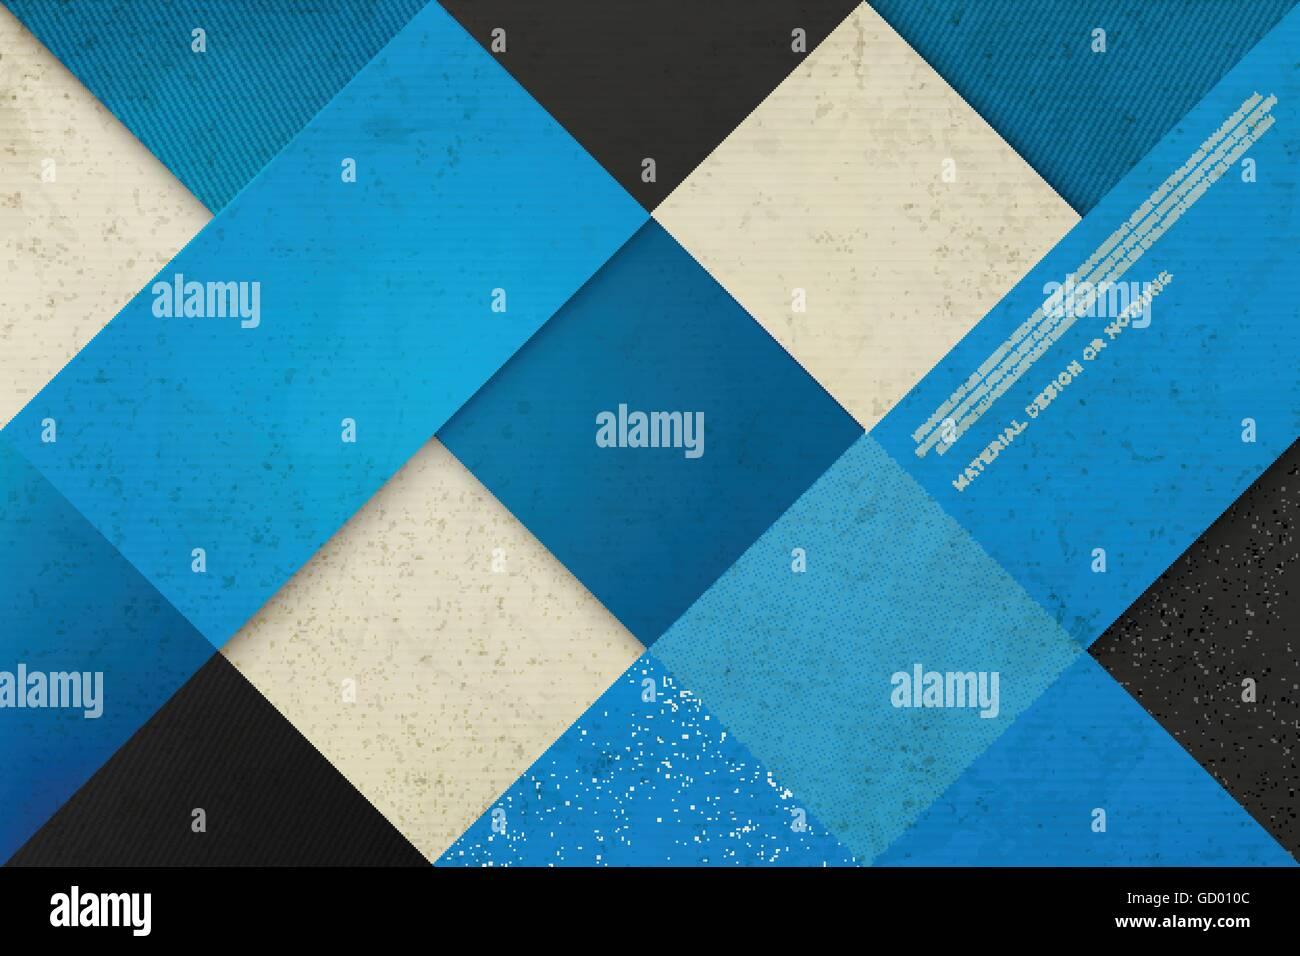 Abstracto Fondo Azul Con Angustiadas Marcos Vector Geométrico